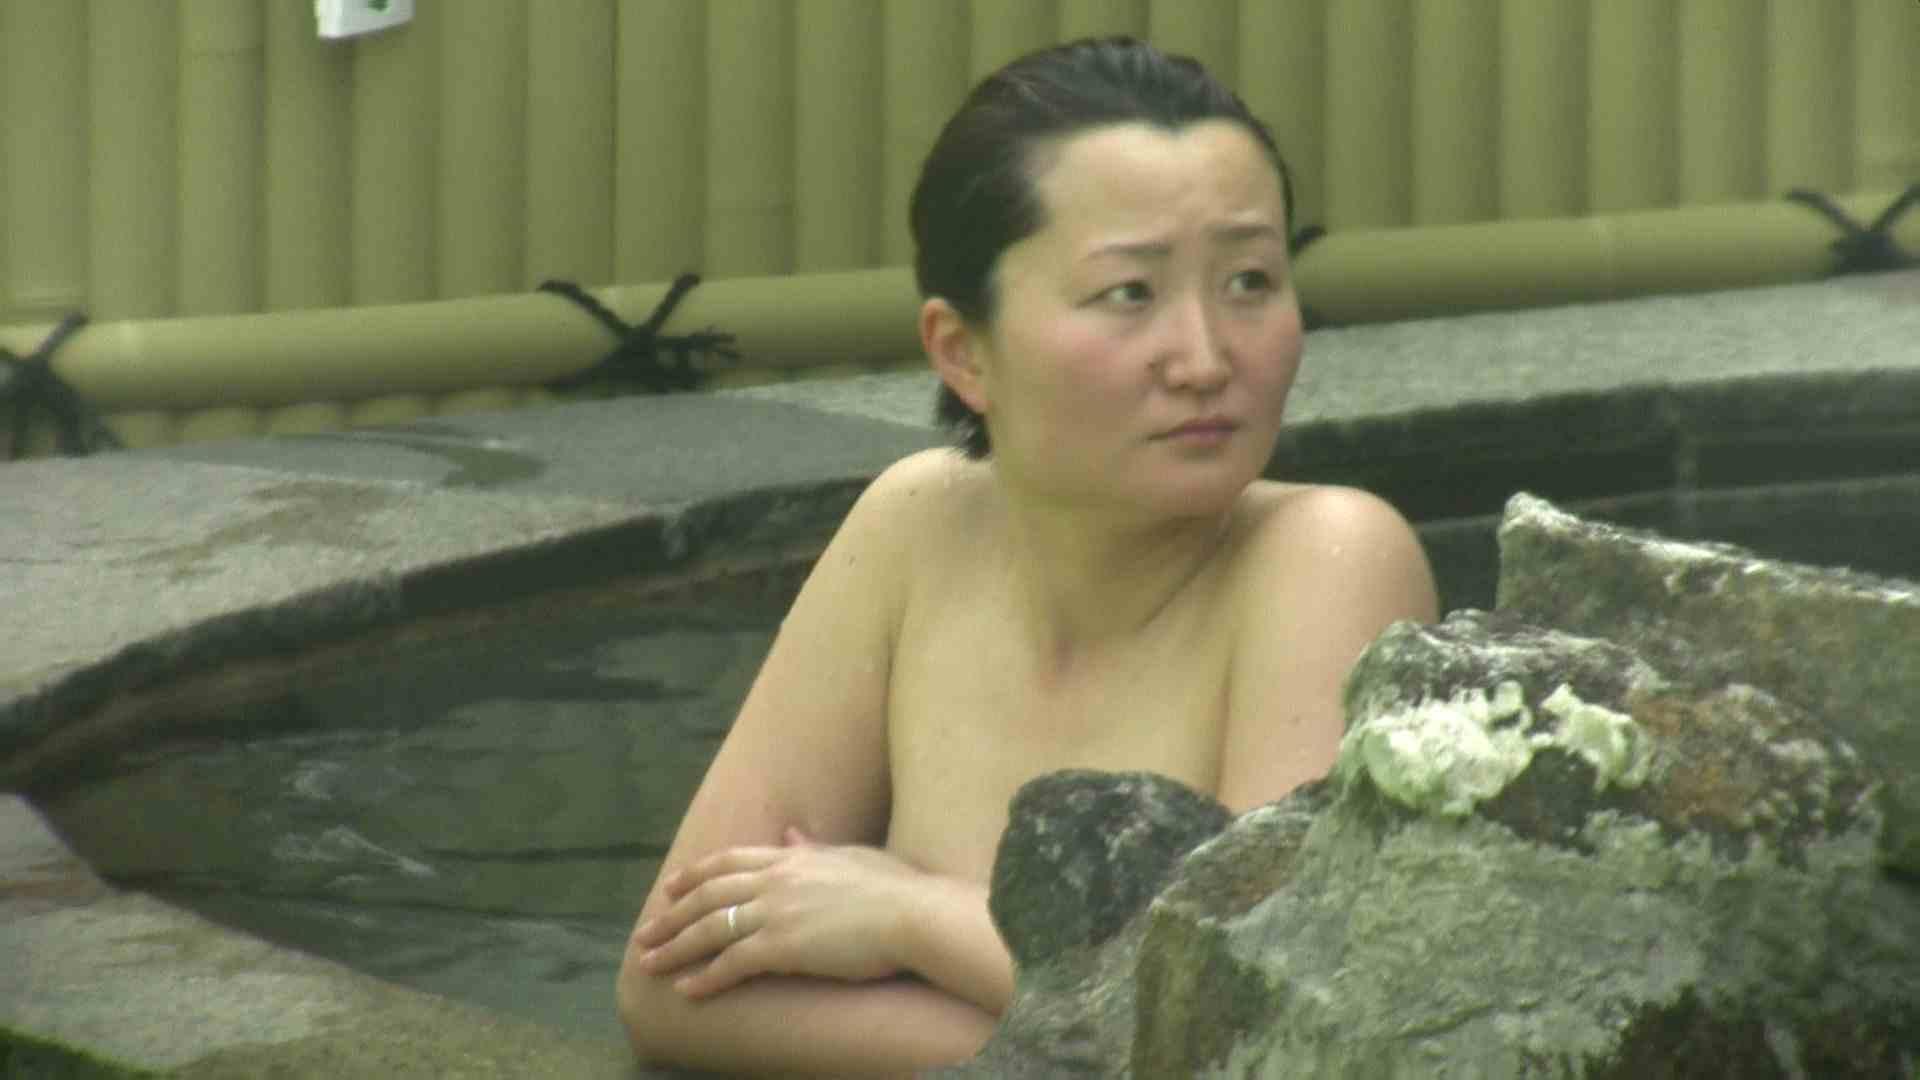 Aquaな露天風呂Vol.632 女体盗撮 | 露天  75連発 55